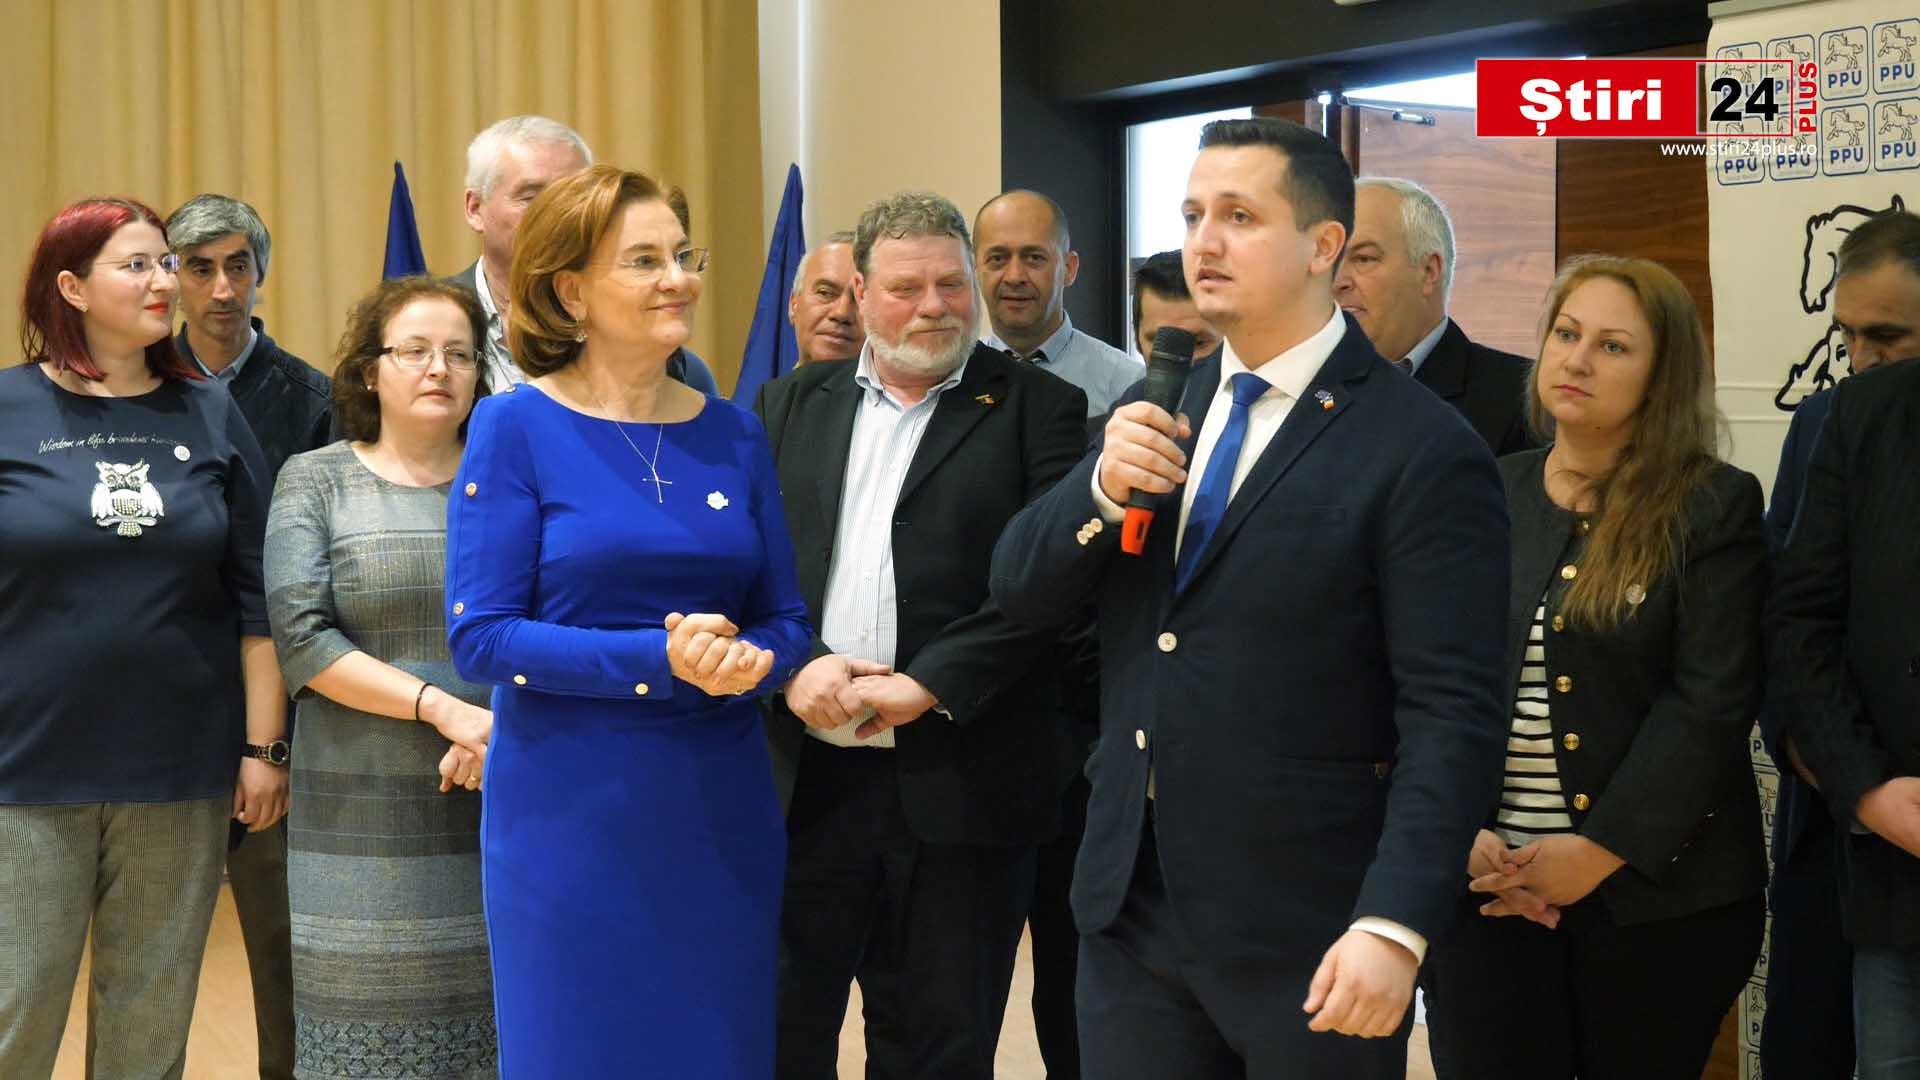 Lansarea candidaților Partidului Puterii Umaniste (social-liberal) pentru alegerile locale din județul Timiș